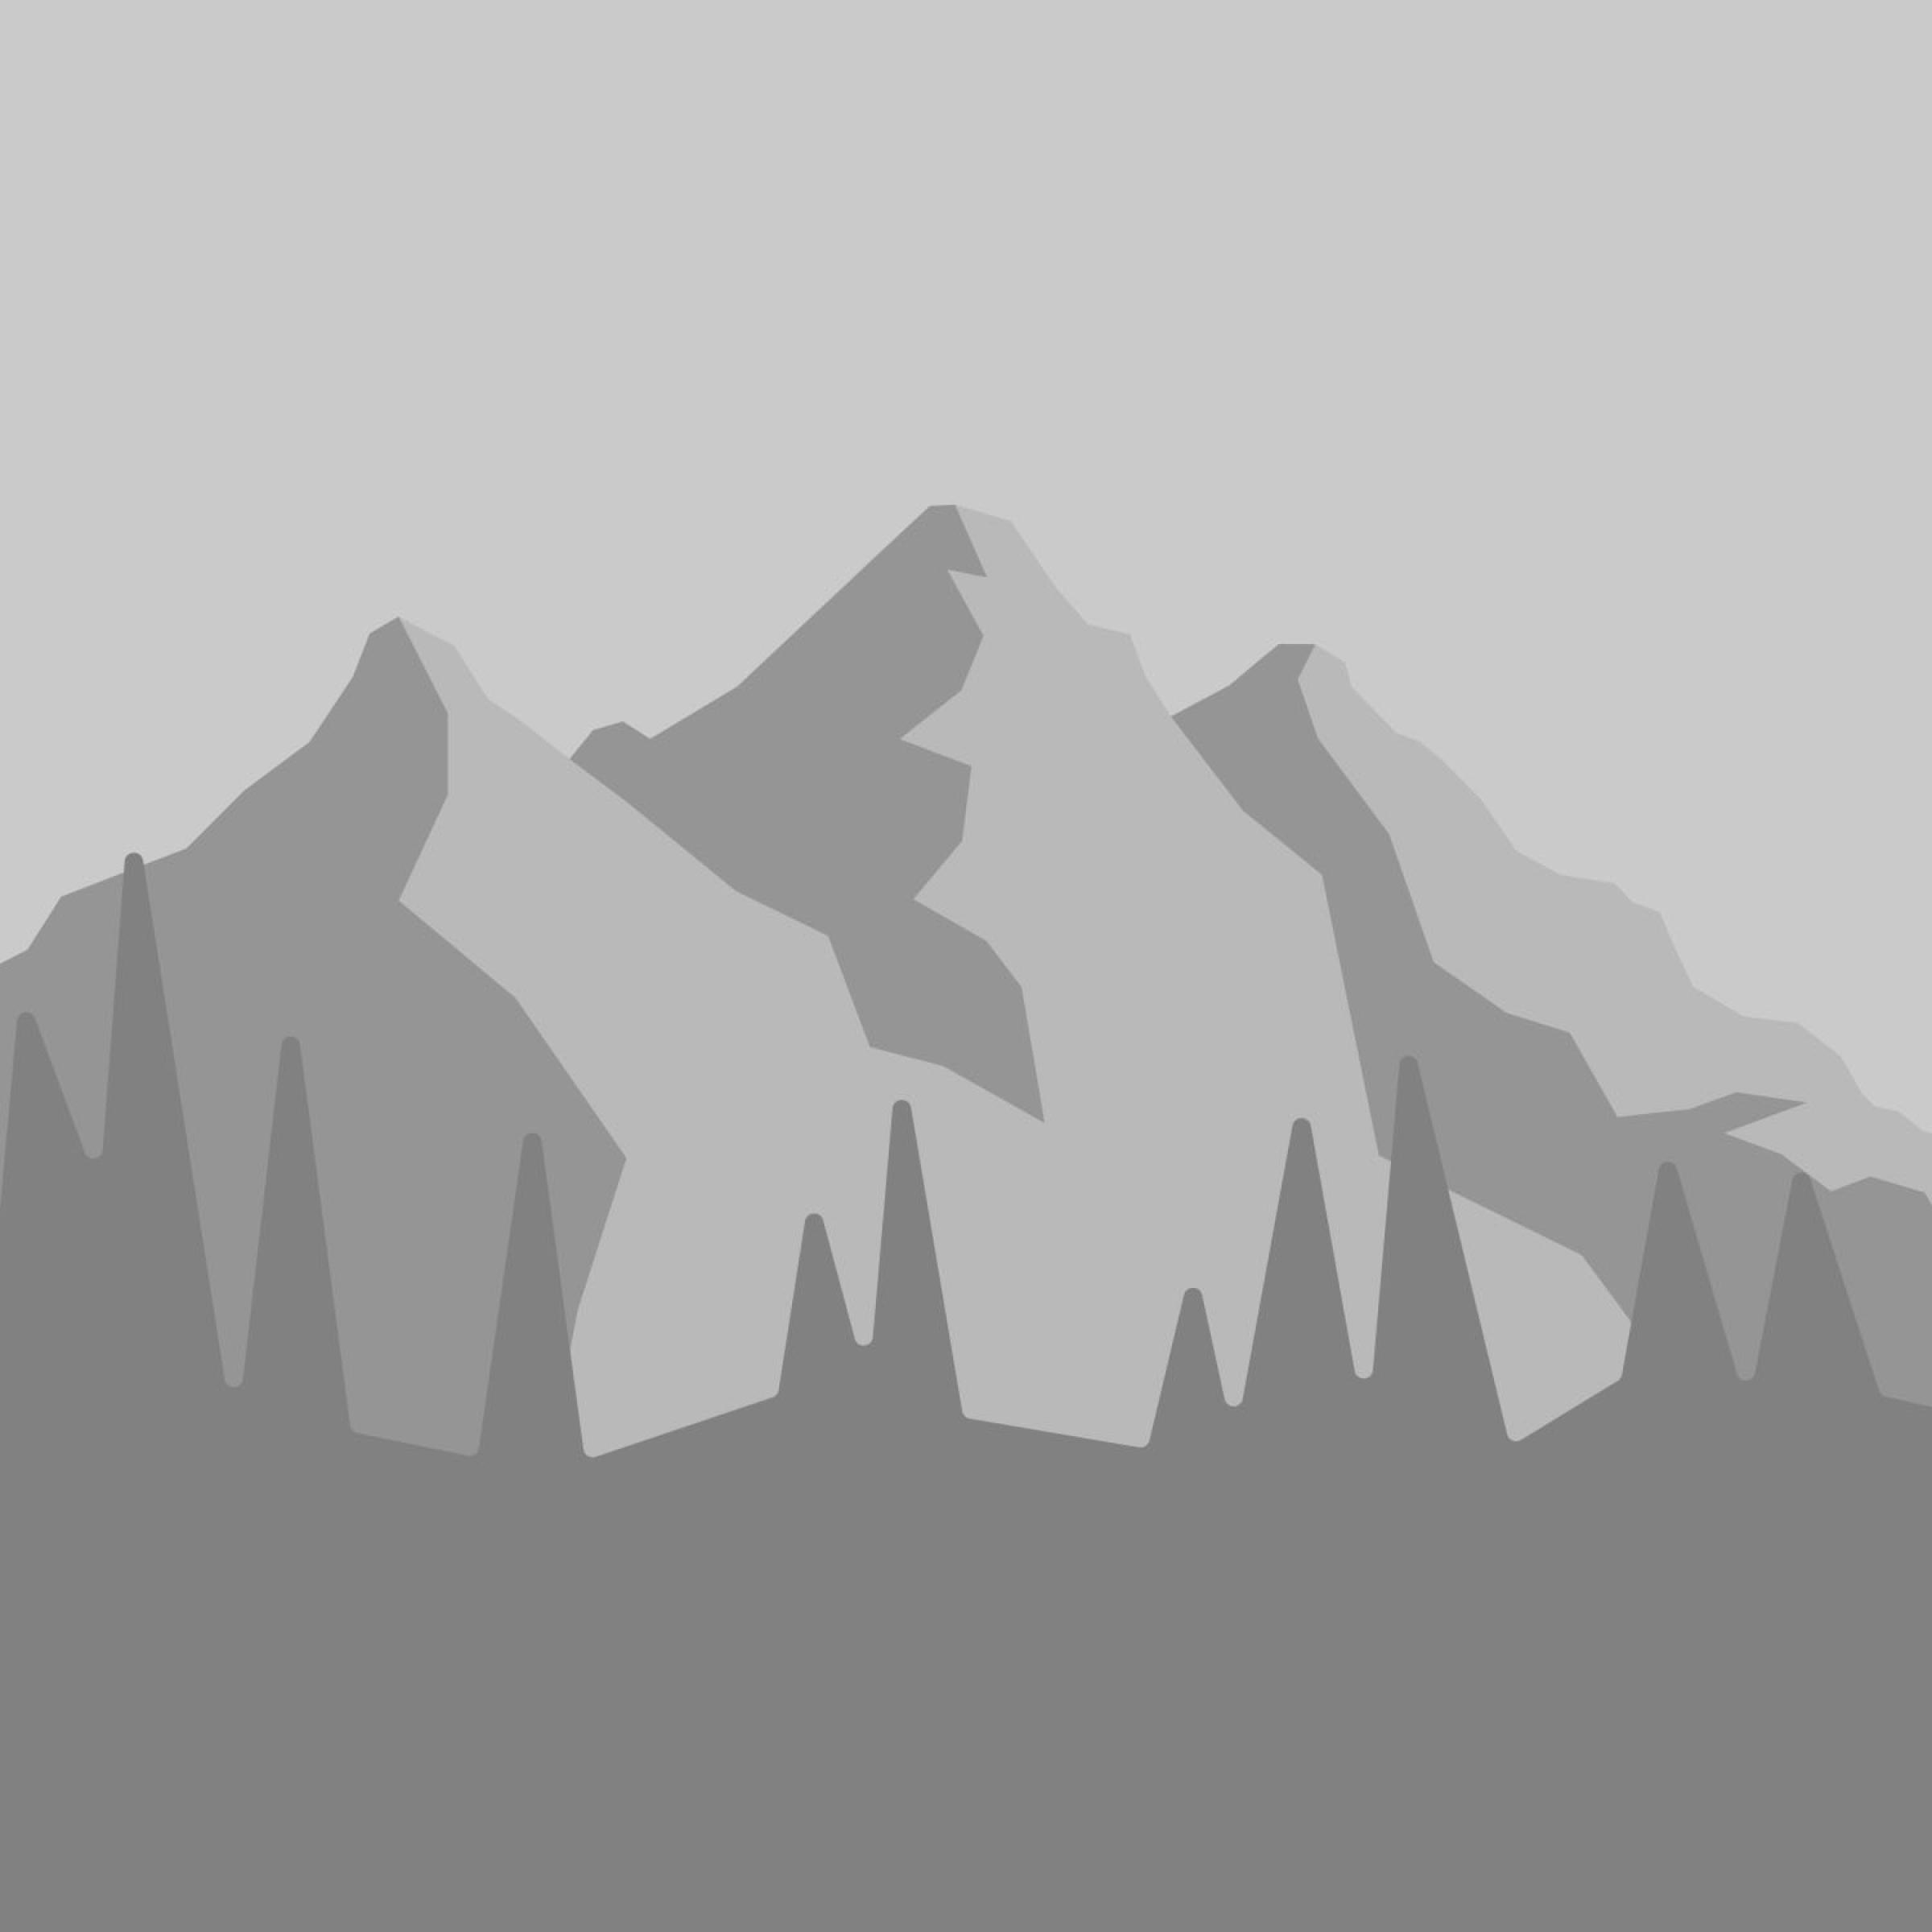 下鉢山の写真